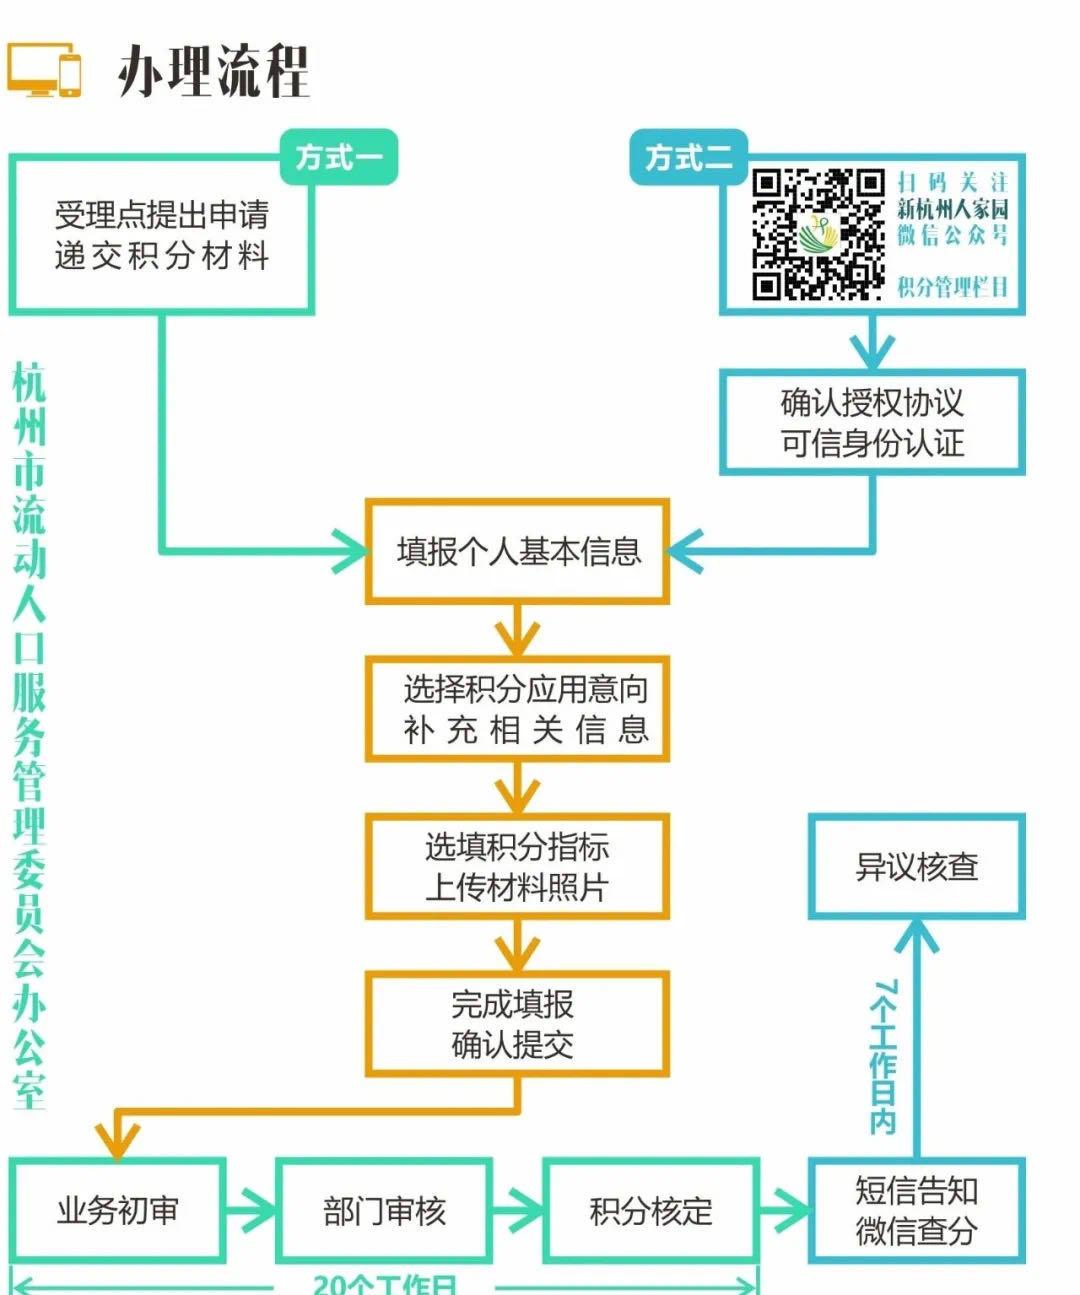 杭州积分落户办理流程